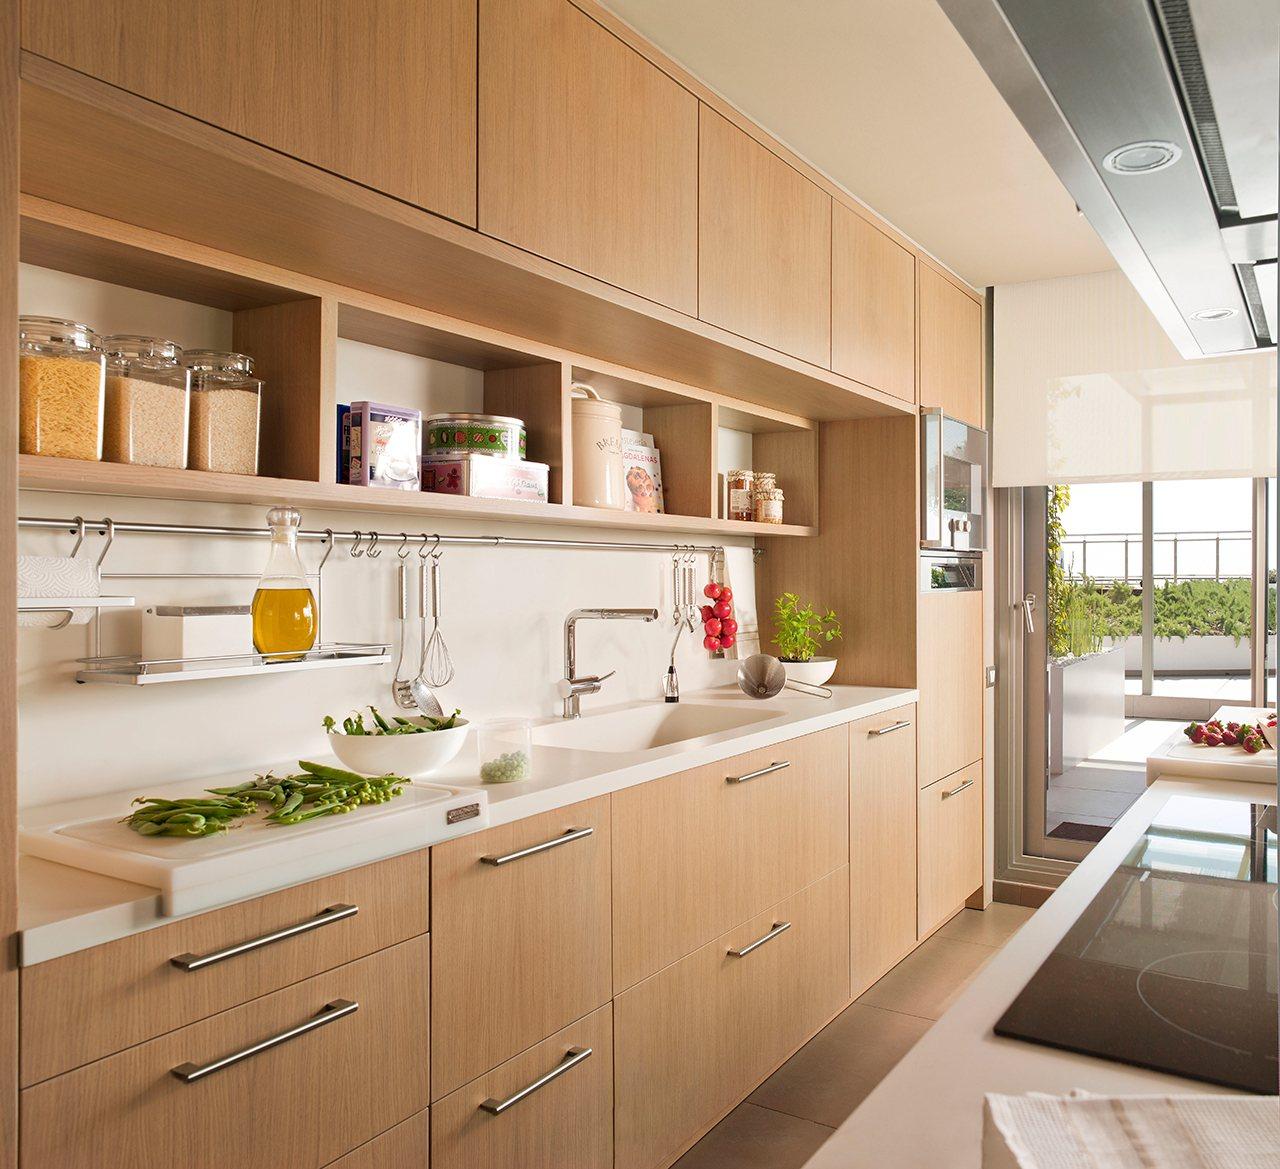 Ideas para aprovechar el espacio en las cocinas peque as for Ideas para reformar cocina alargada